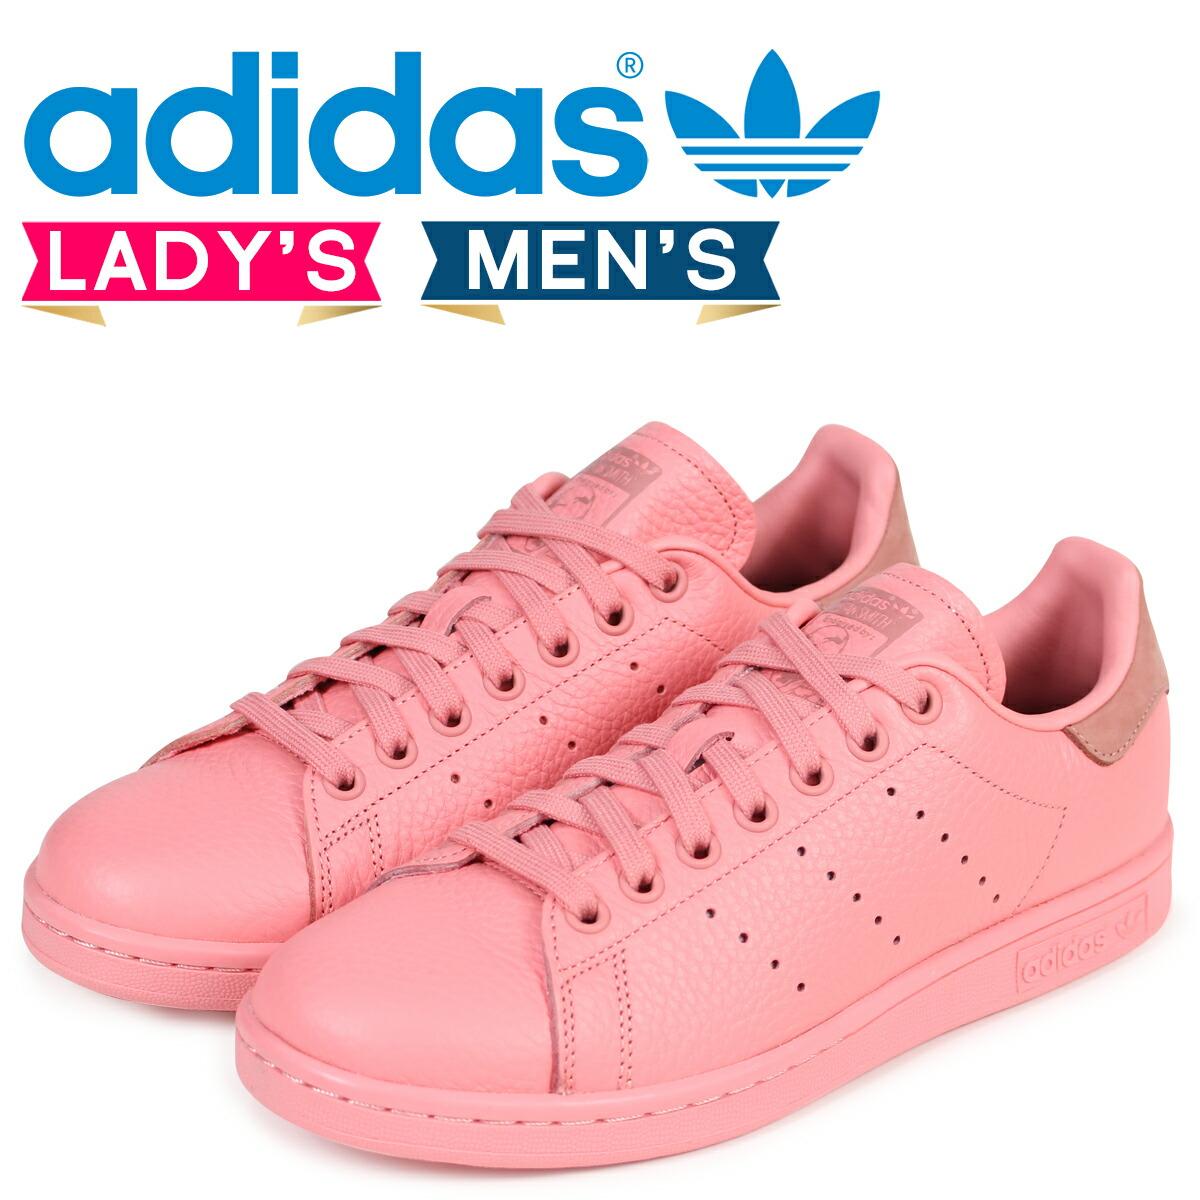 アディダス スタンスミス レディース メンズ adidas Originals スニーカー STAN SMITH BZ0469 ピンク オリジナルス [2/8 新入荷]